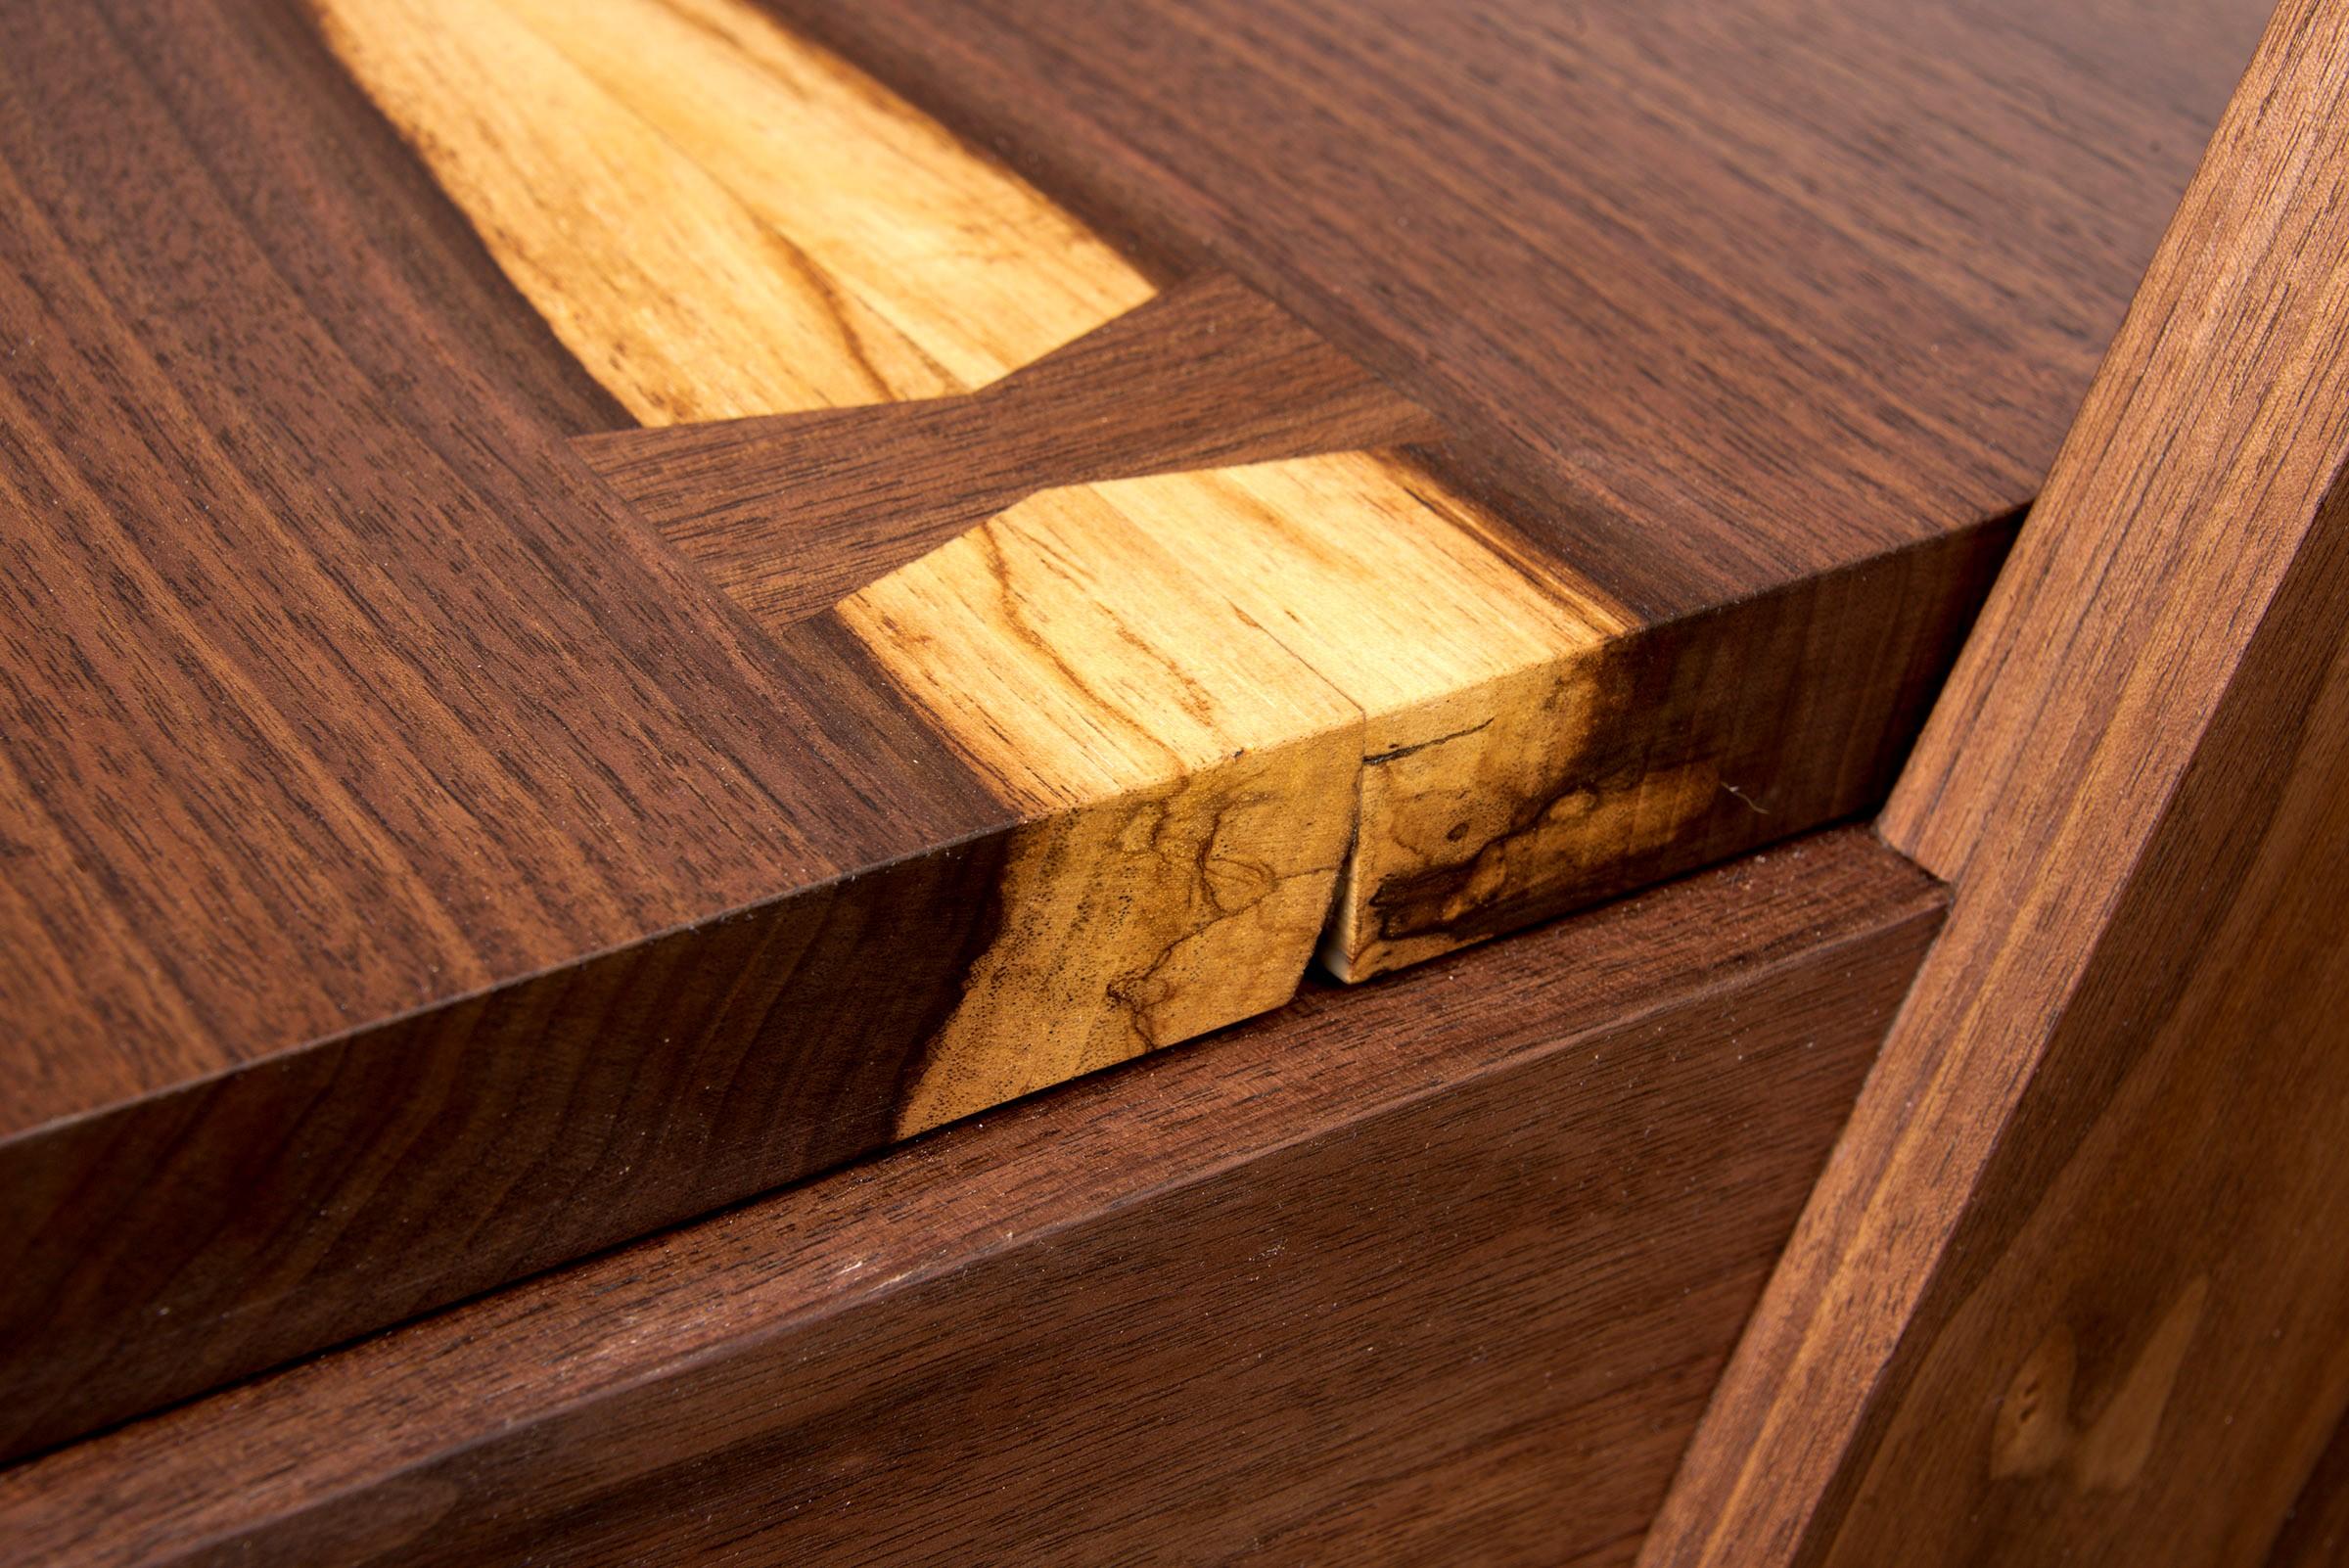 key on sapwood